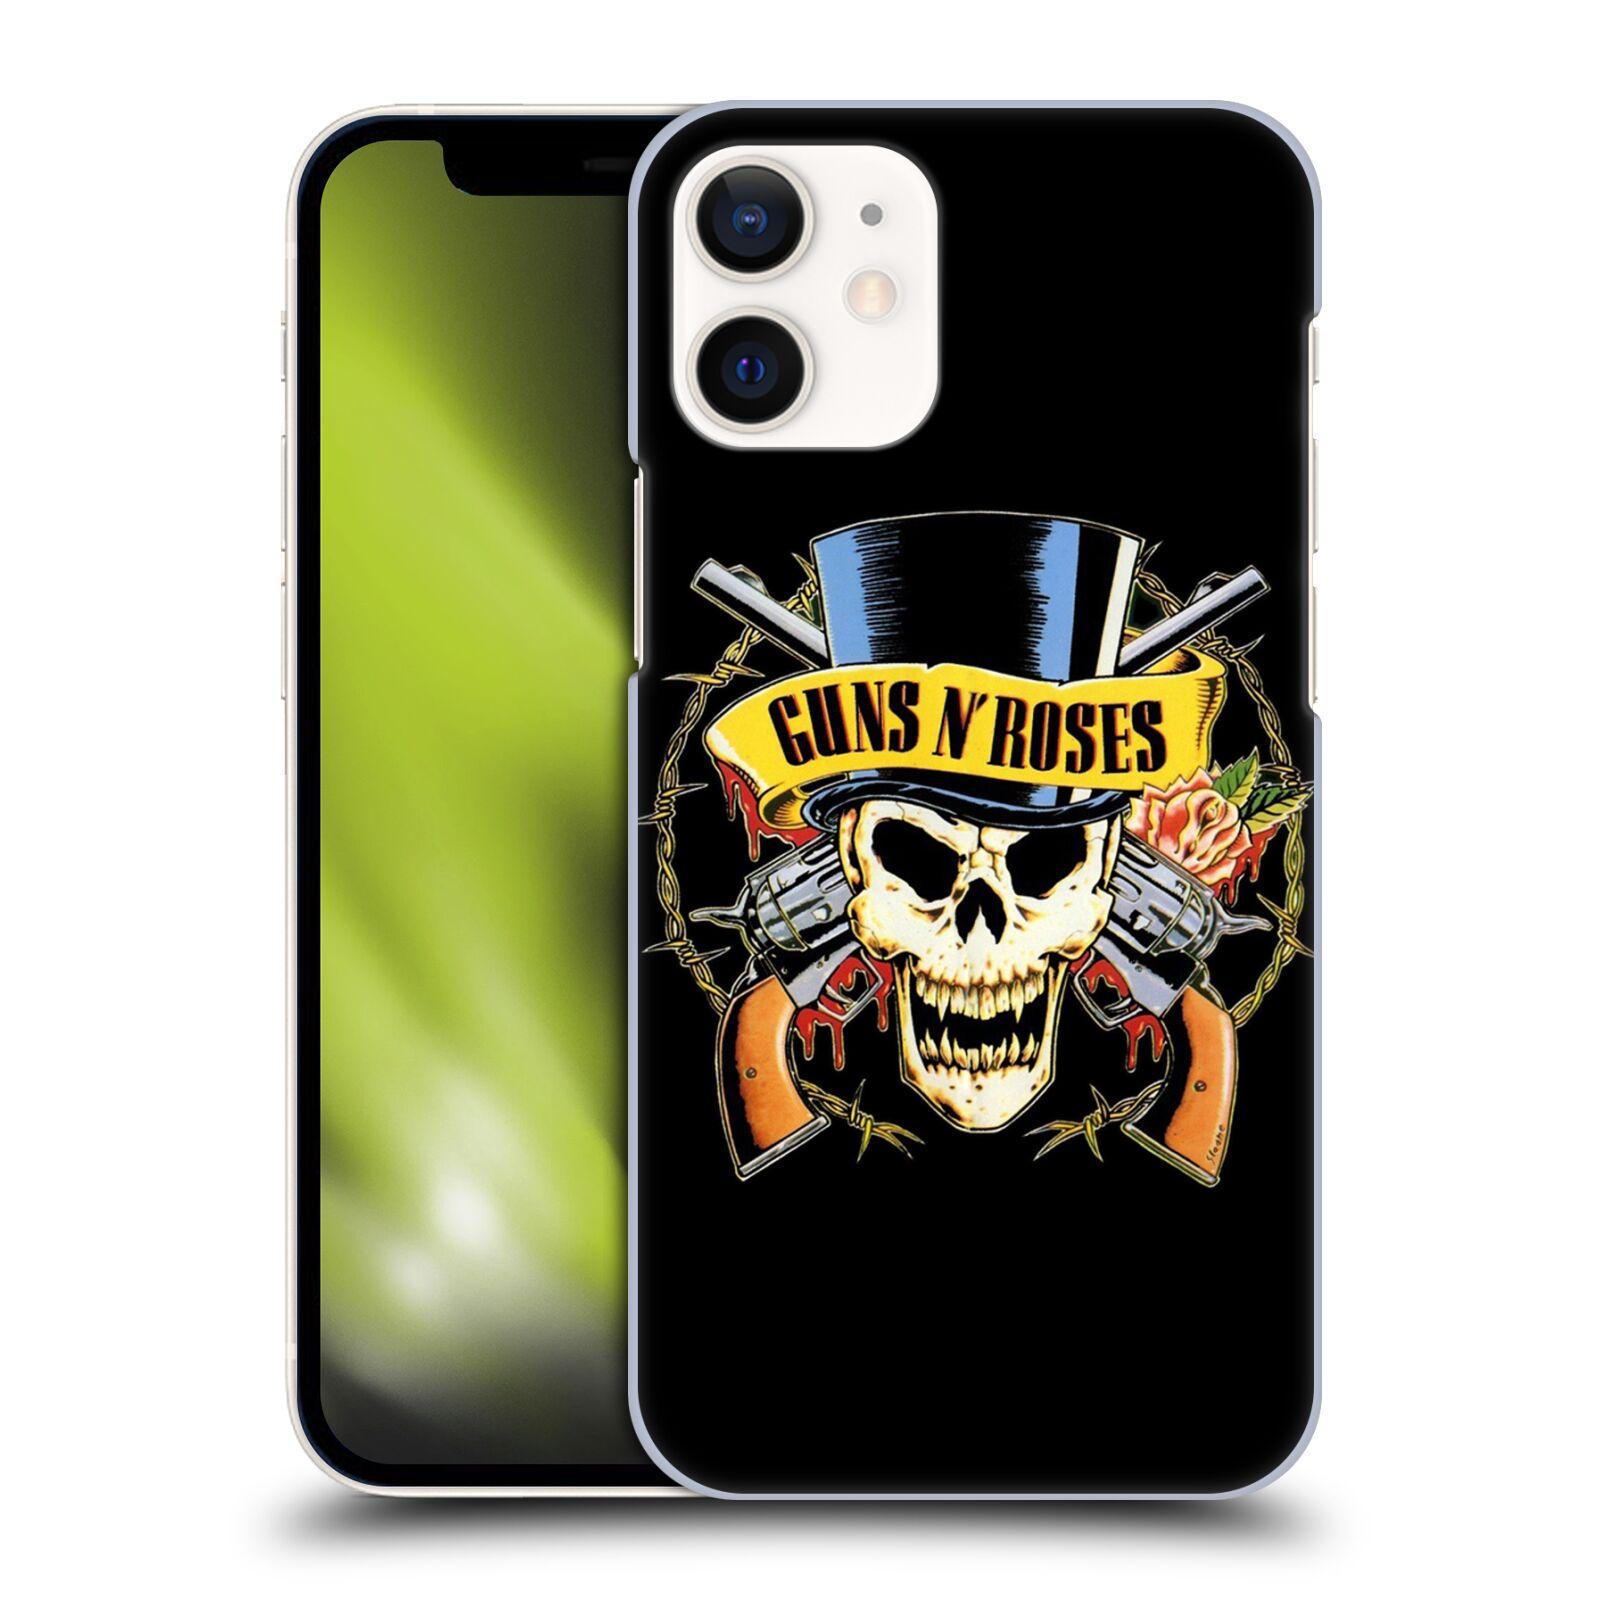 Plastové pouzdro na mobil Apple iPhone 12 Mini - Head Case - Guns N' Roses - Lebka